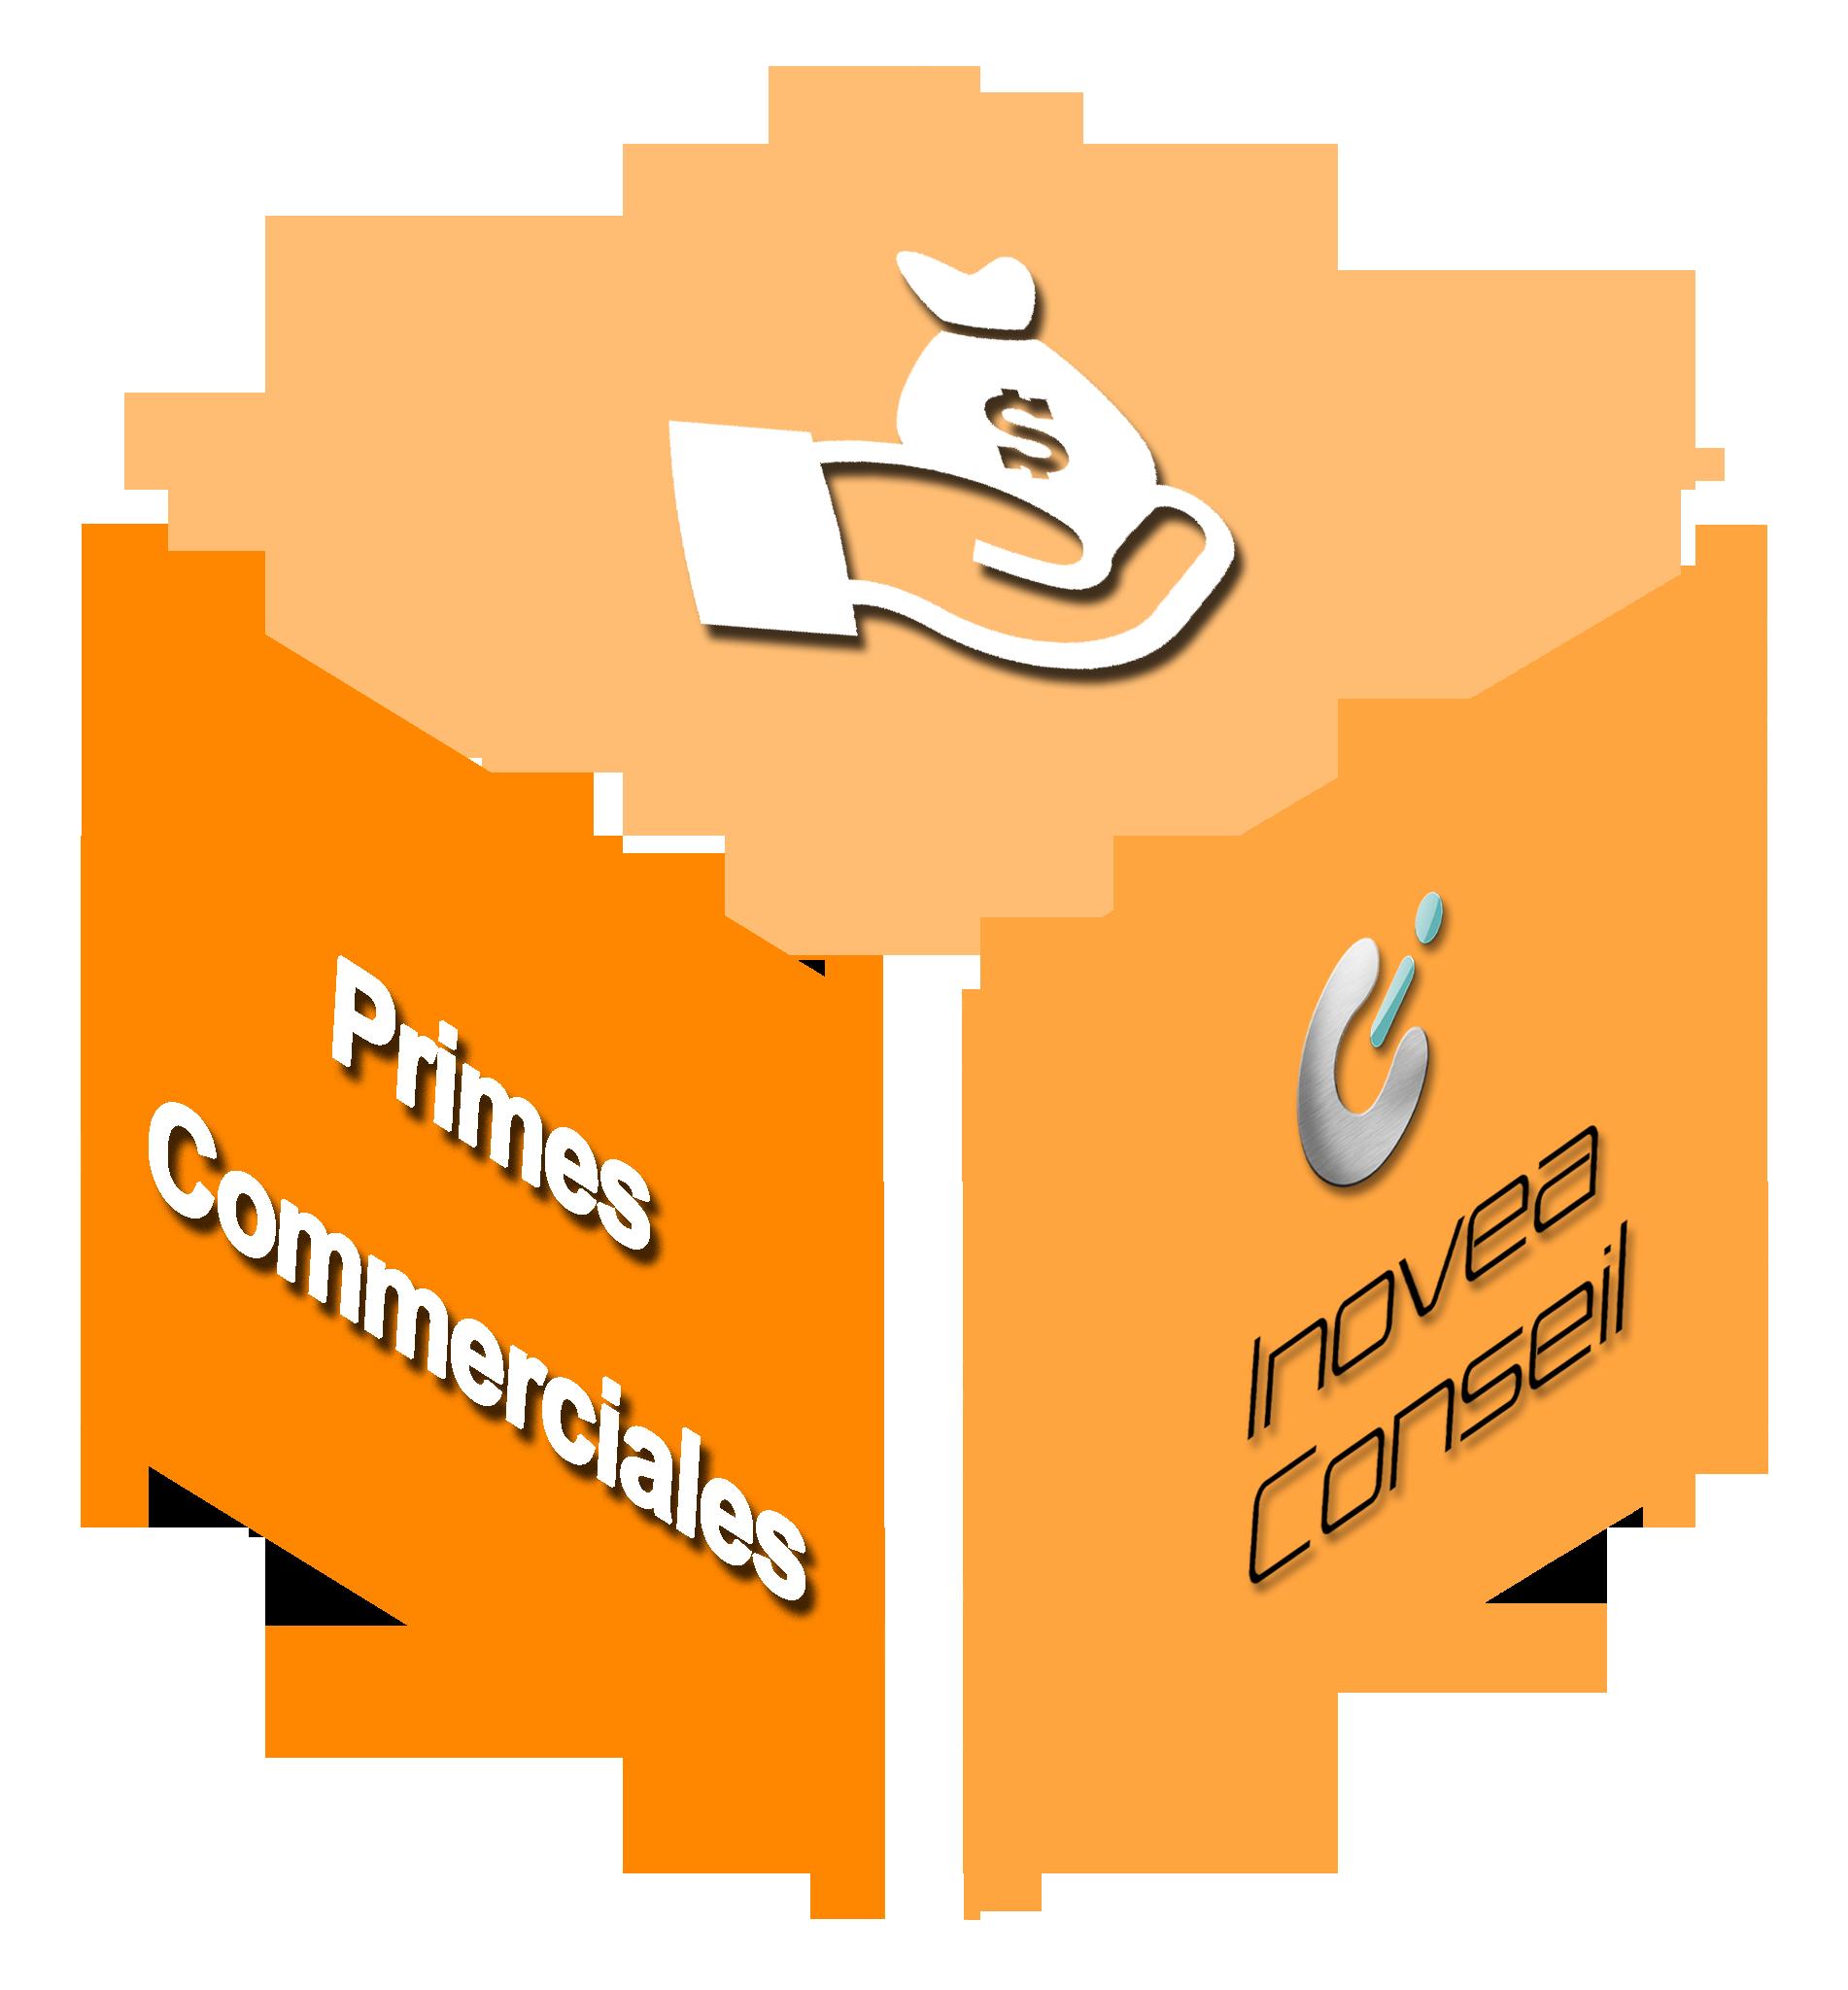 primes-commerciales